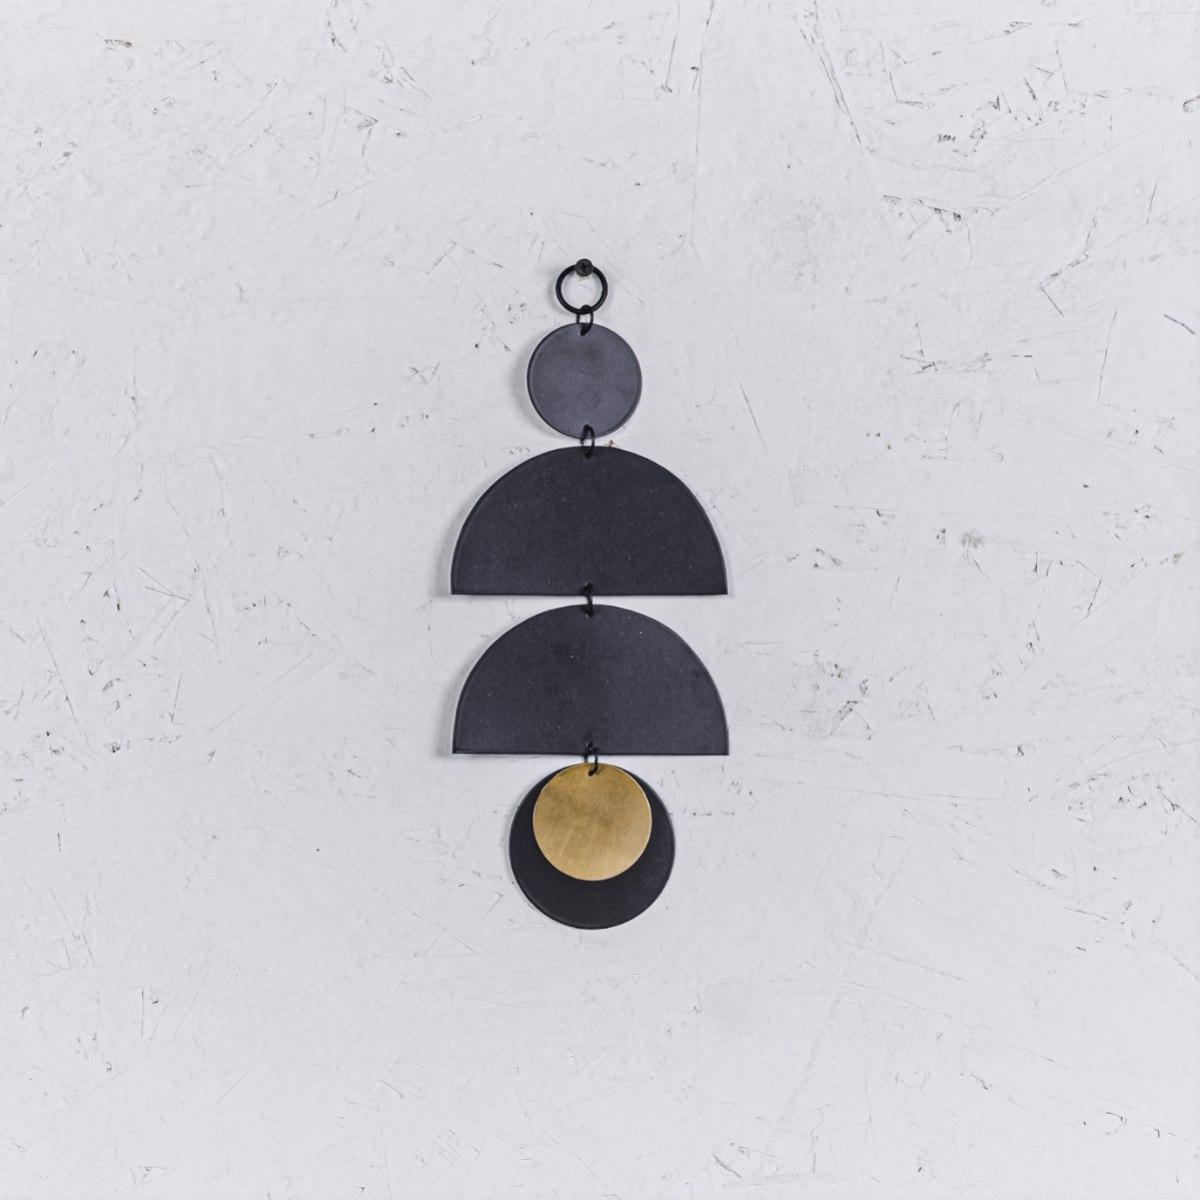 קישוט מתכת לקיר - 3 קשתות (שחור)